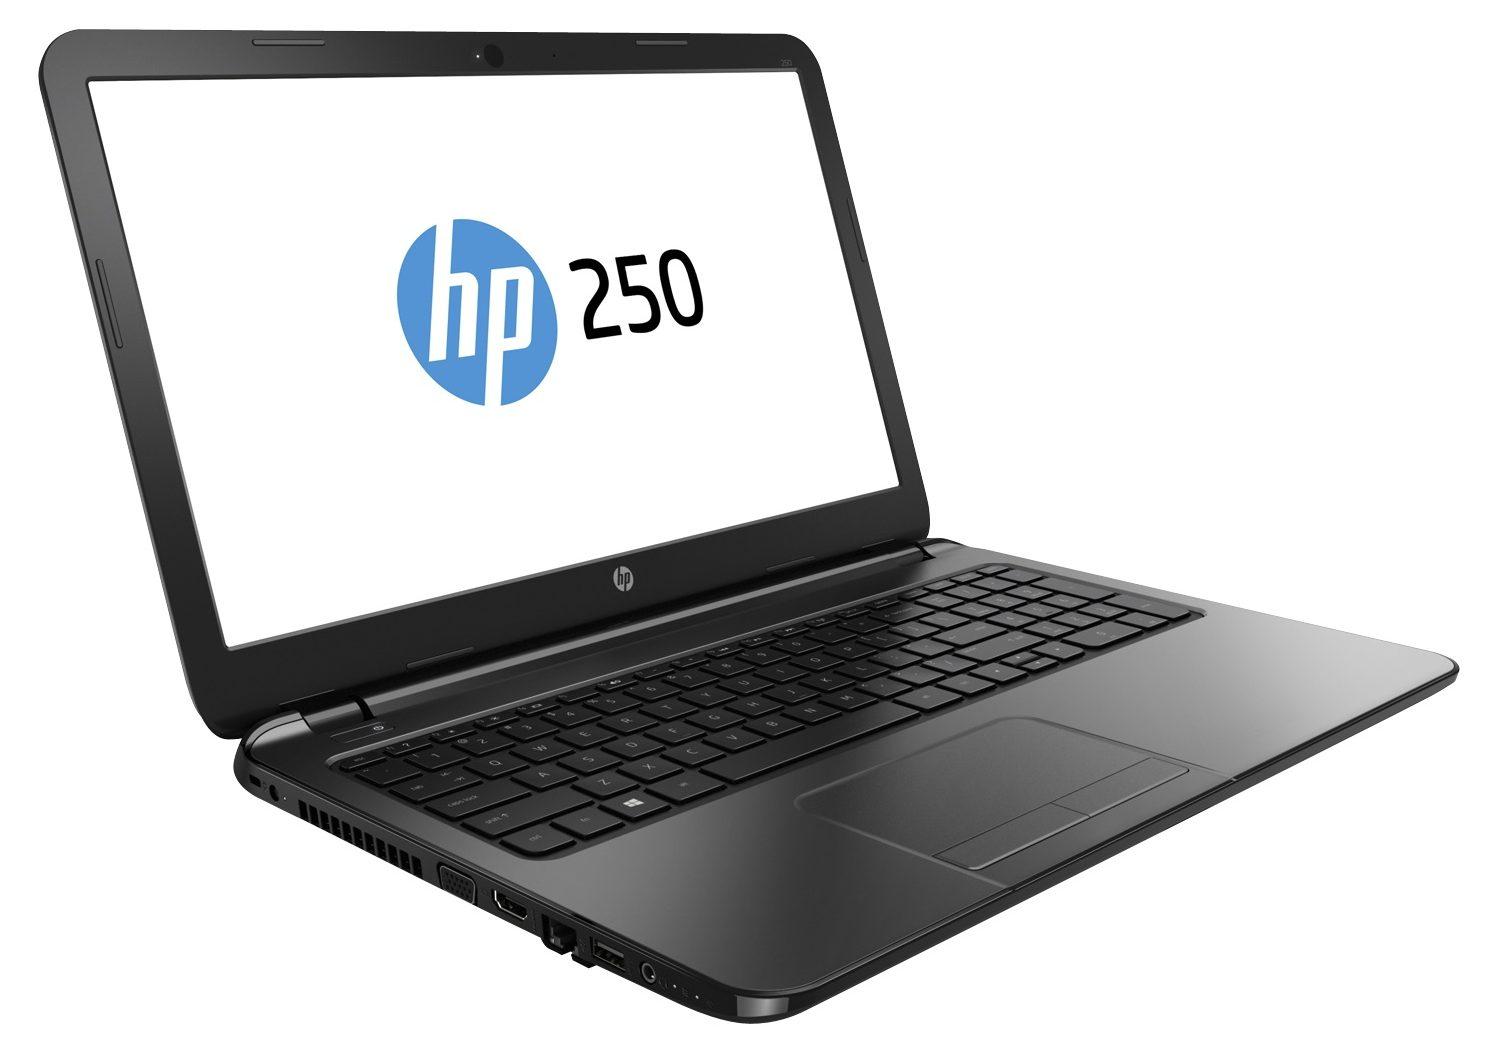 Hewlett-Packard 250 G4